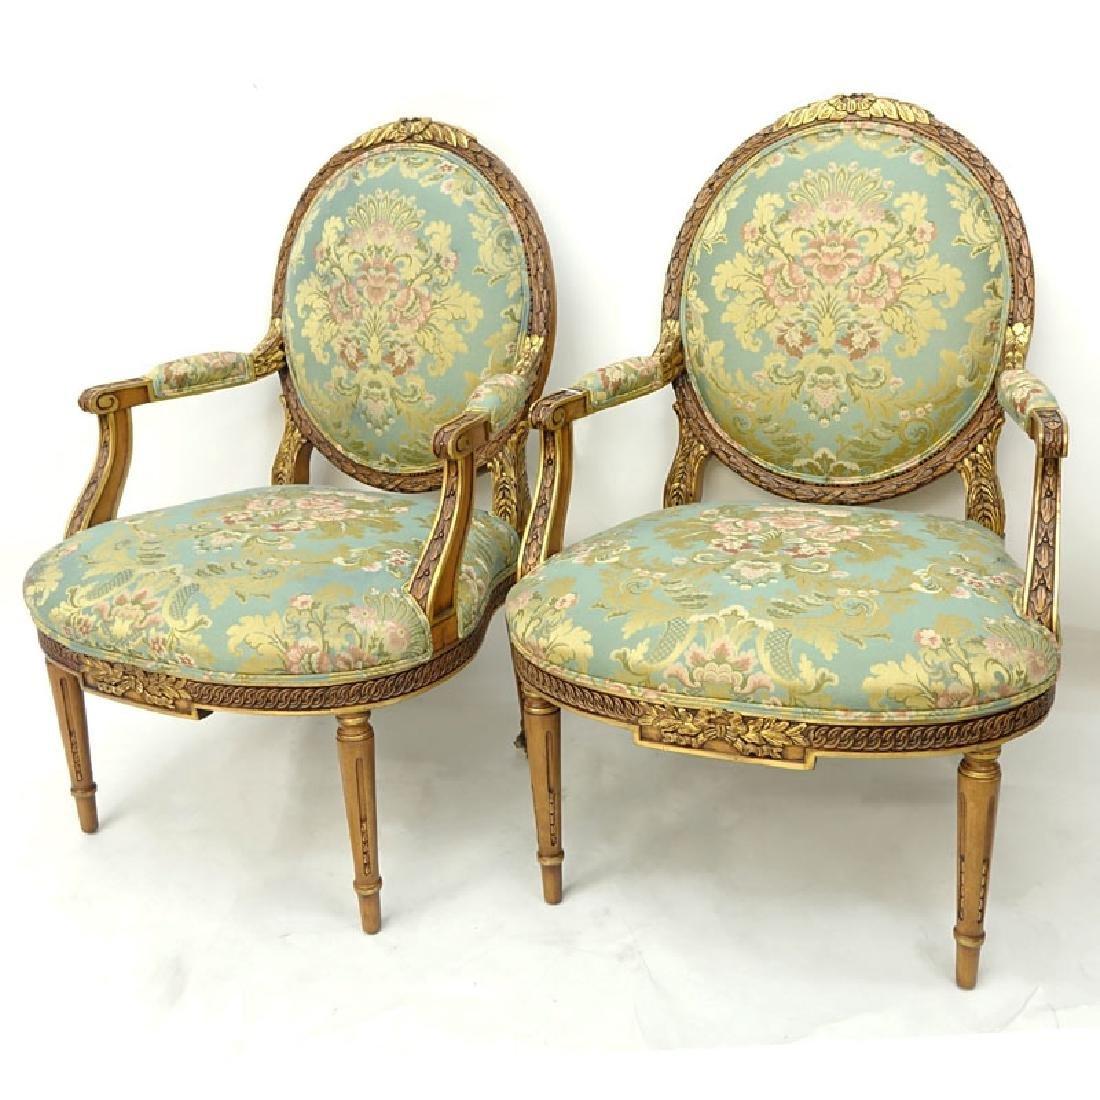 Pair of Karges Carved Parcel Gilt Wood Upholstered